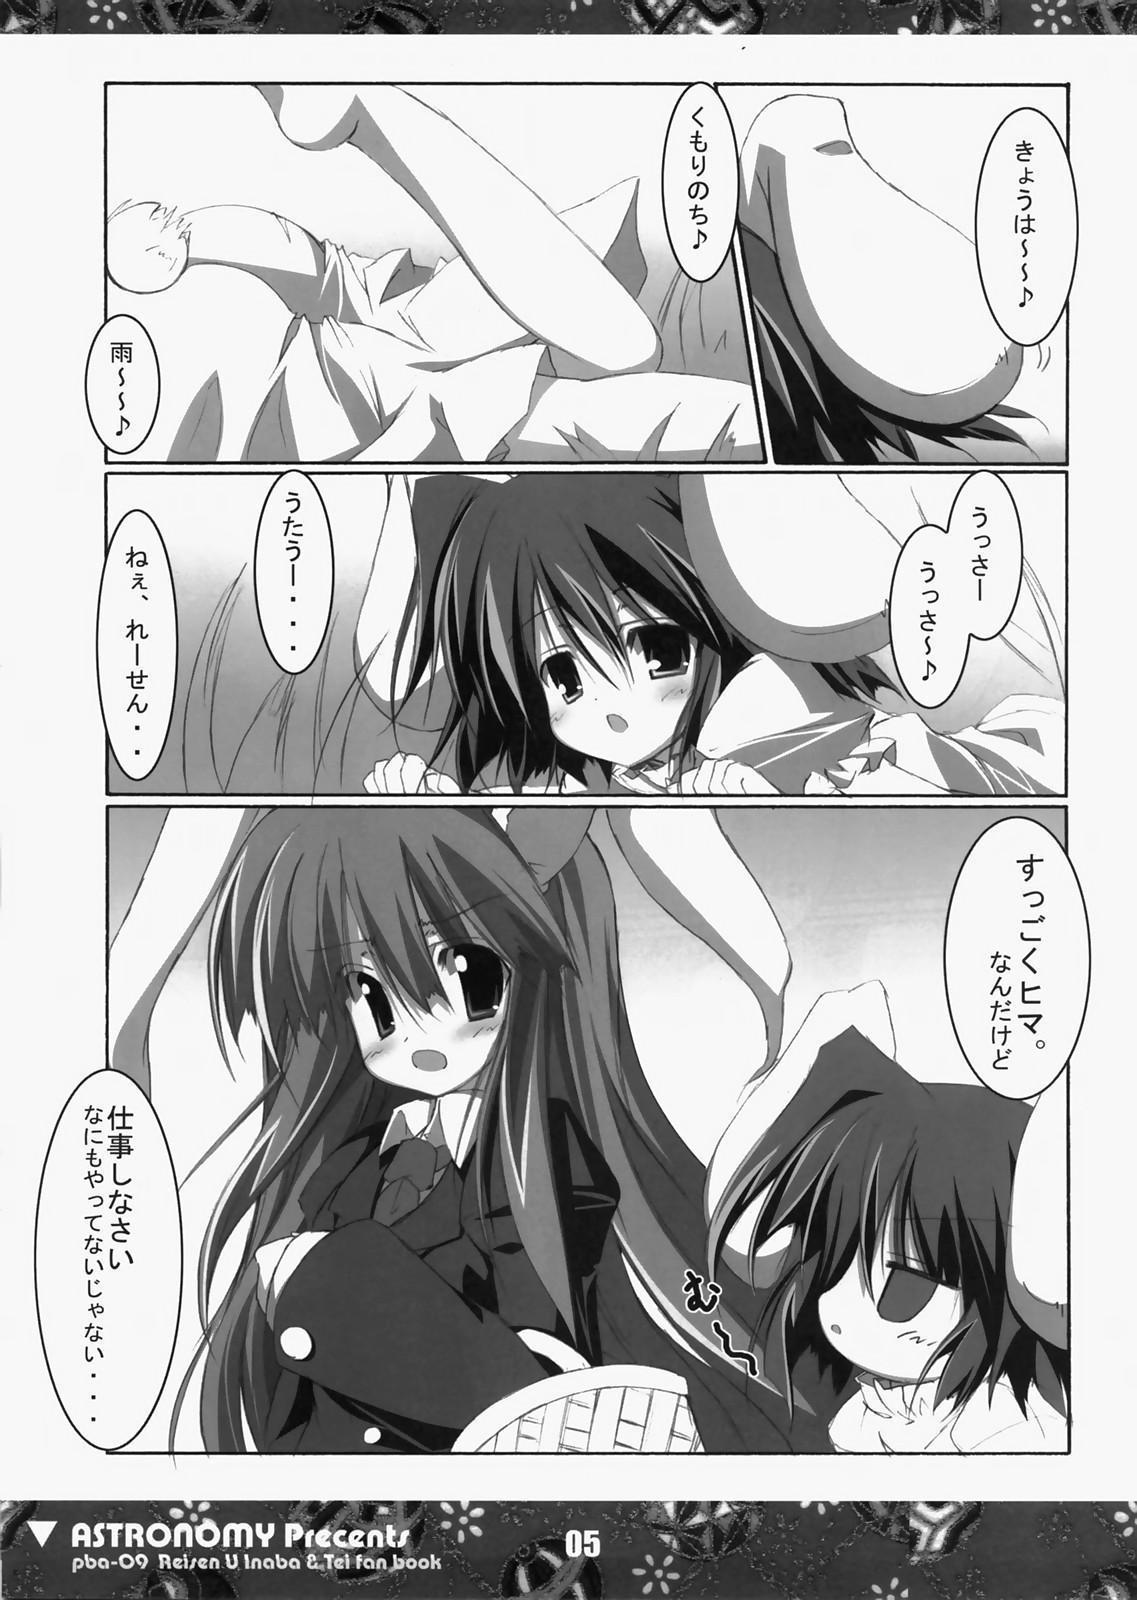 (C73) [ASTRONOMY (SeN)] Koisuru Usagi wa Setsunakute Reisen (Tewi) o Omou to Sugu XXX Shichau no (Touhou Project) 3